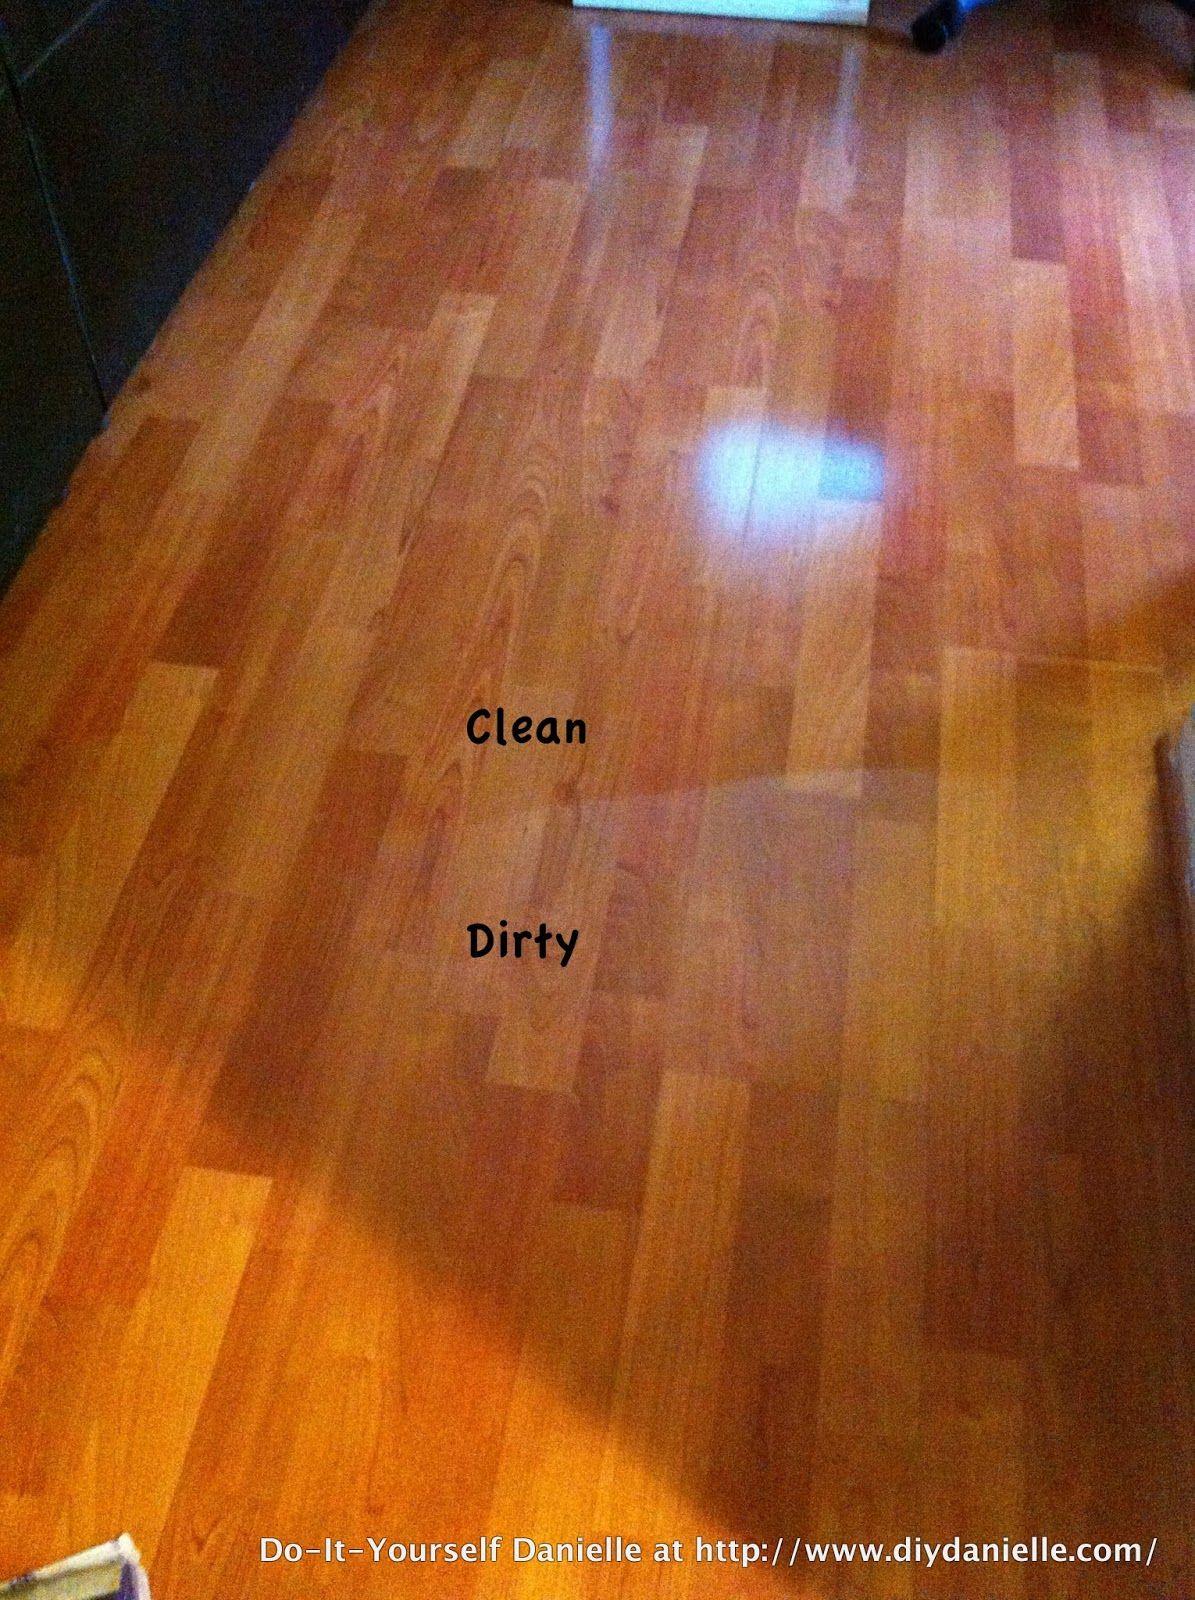 DIY Laminate Floor Spray/Cleaner Diy floor cleaner, How